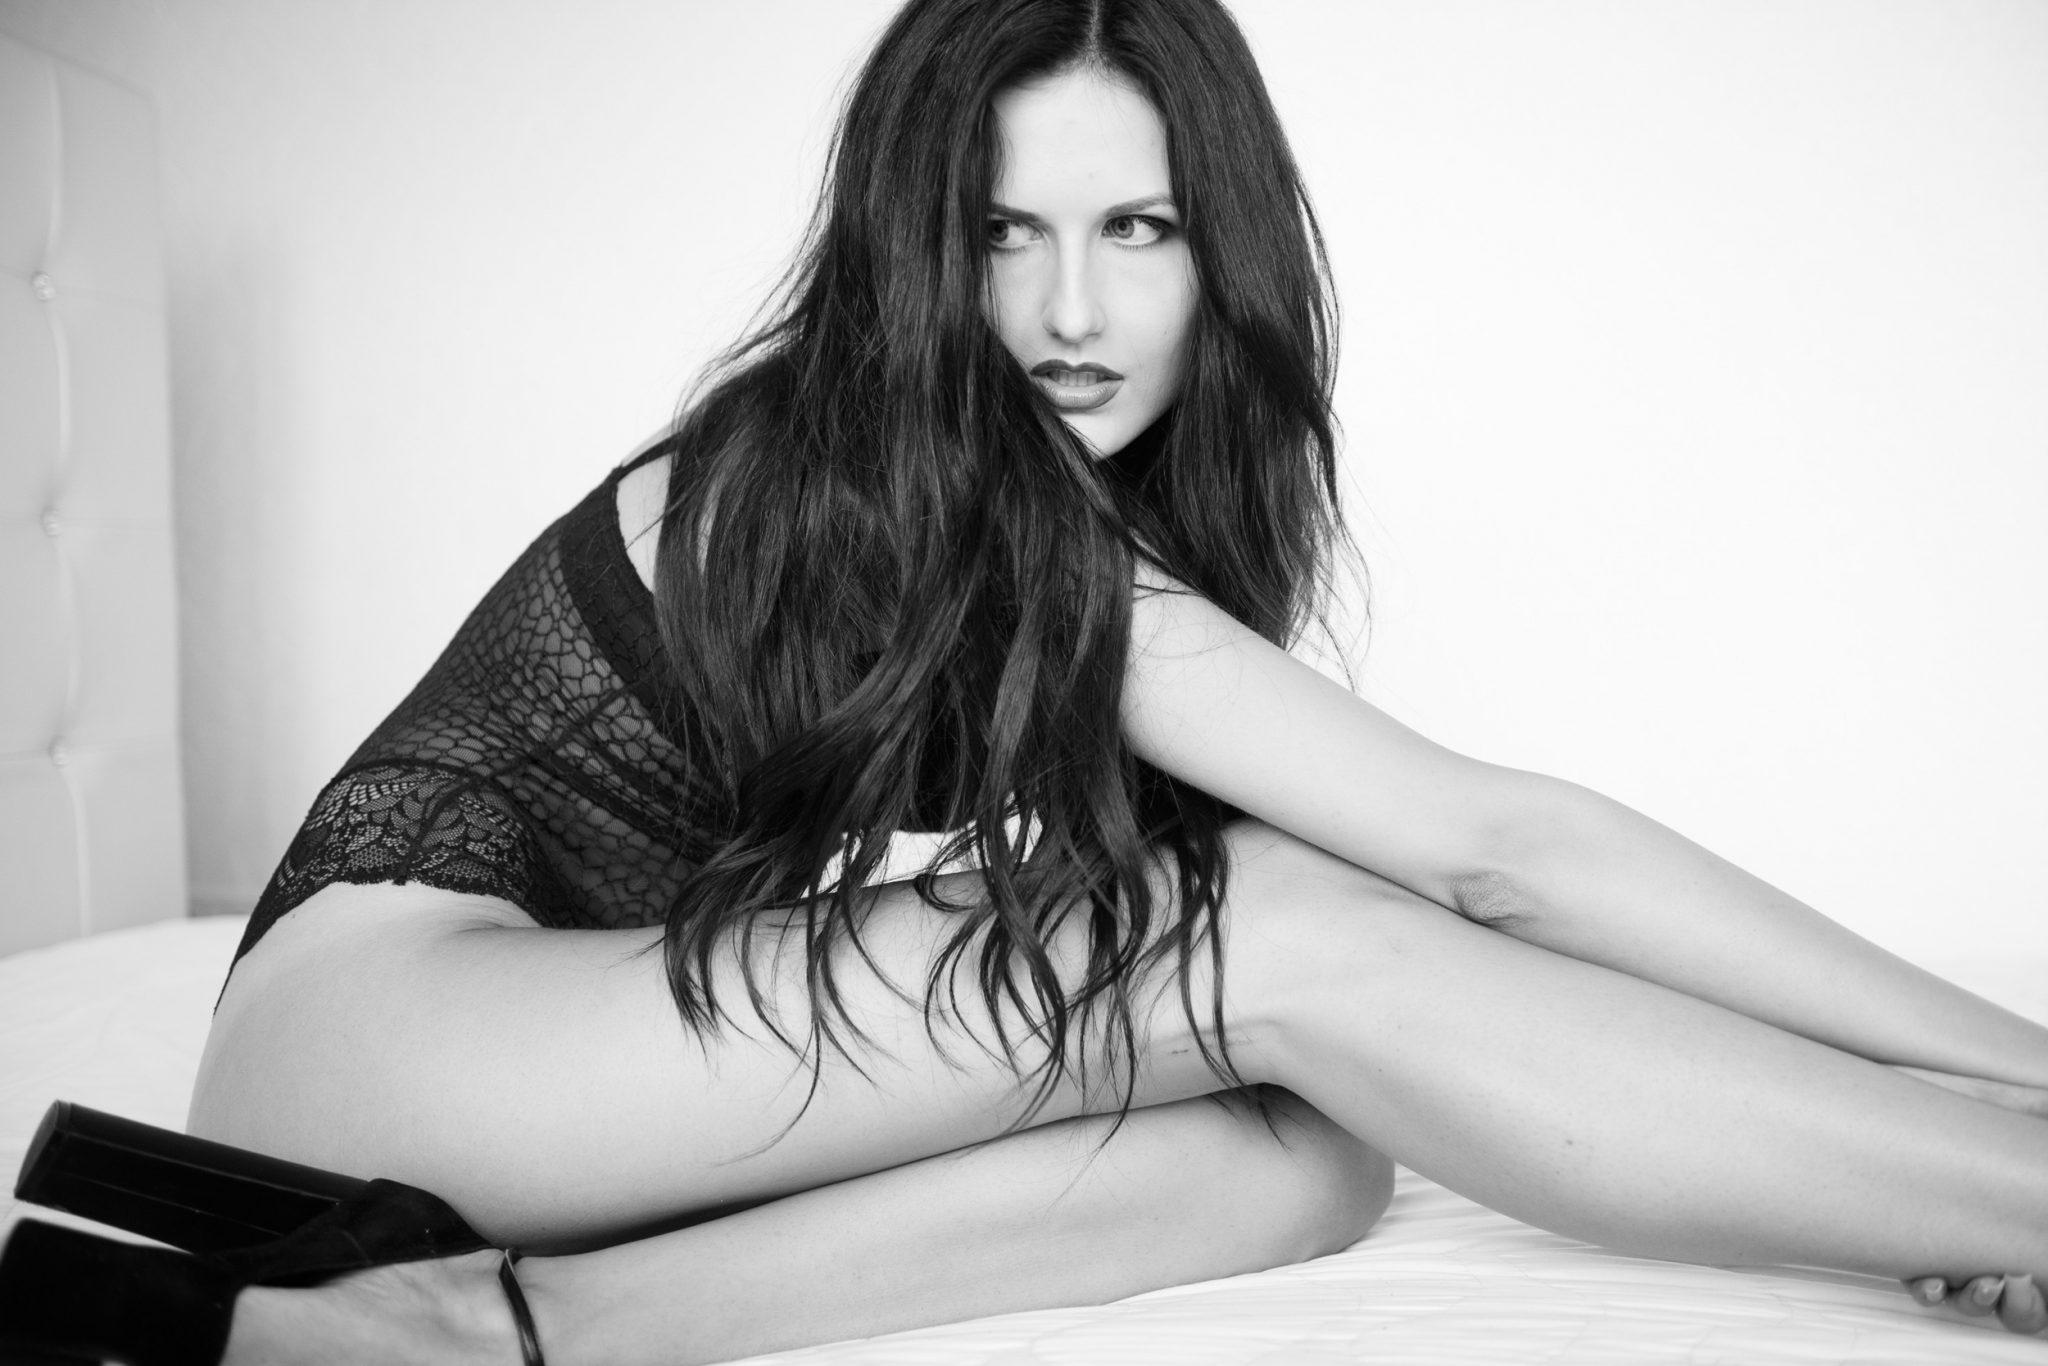 Модельное портфолио девушка в белье на кровати